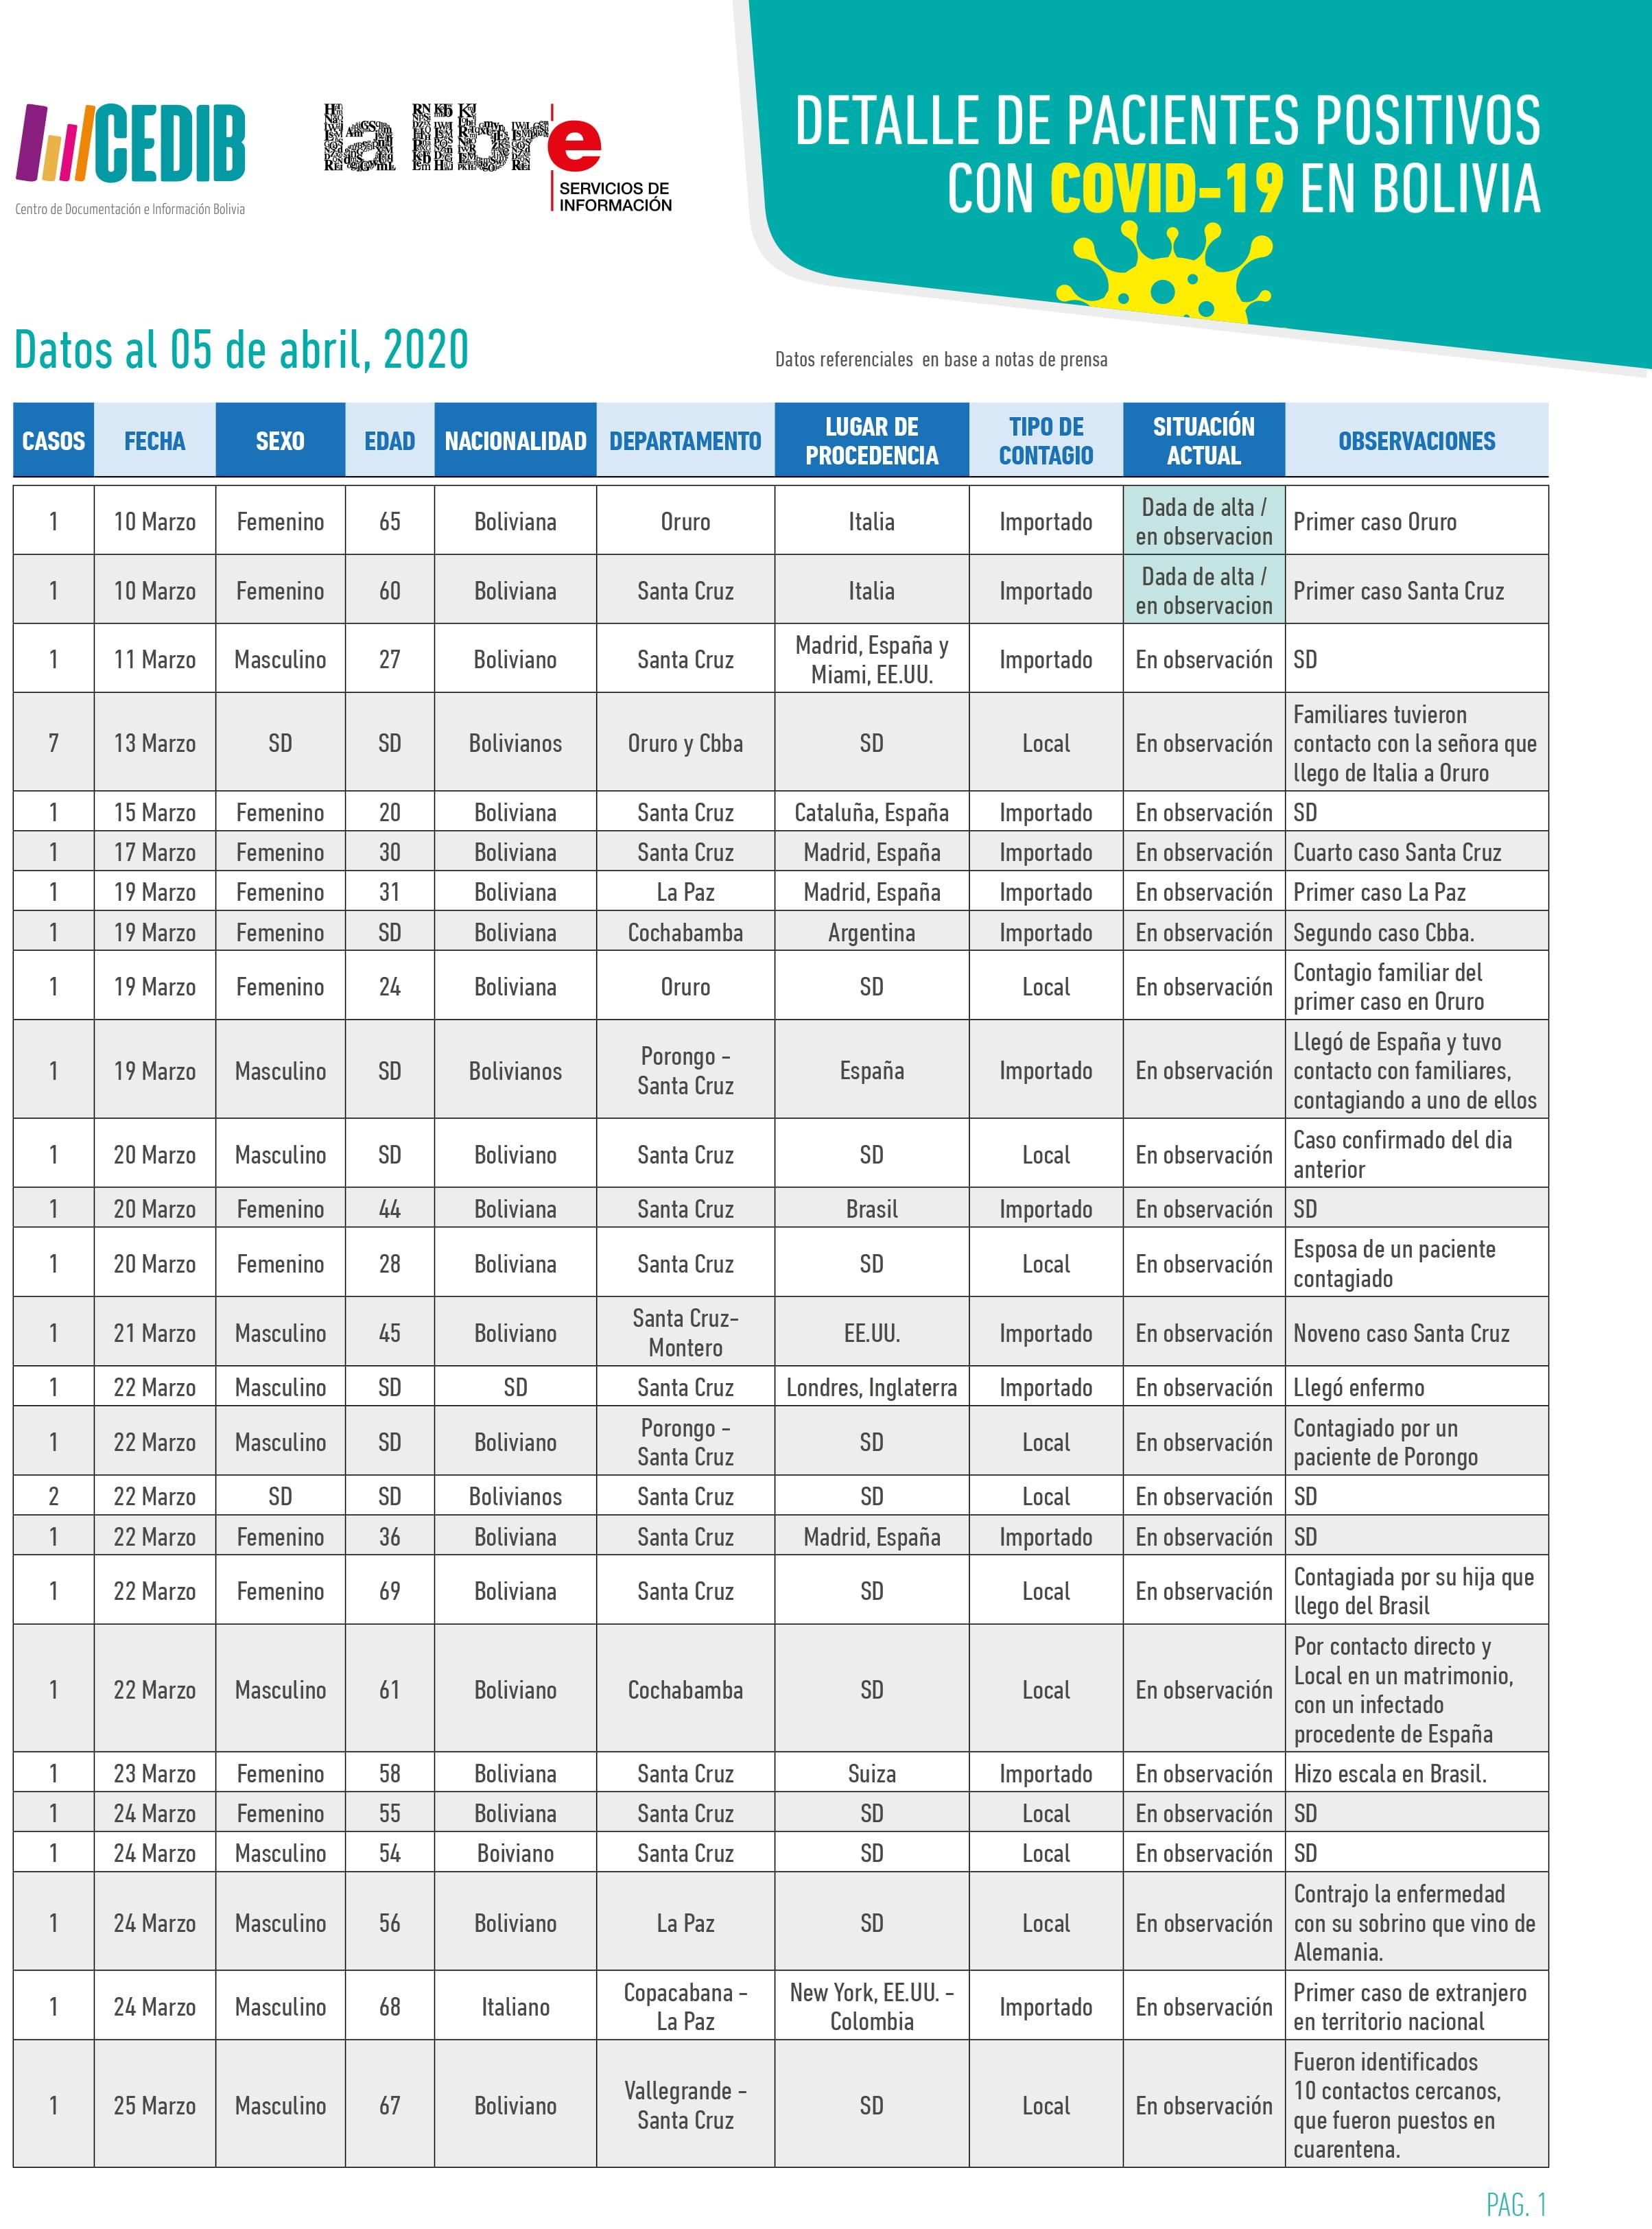 Cronologia COVID19 en Bolivia: Dossier de prensa (6.4.20)